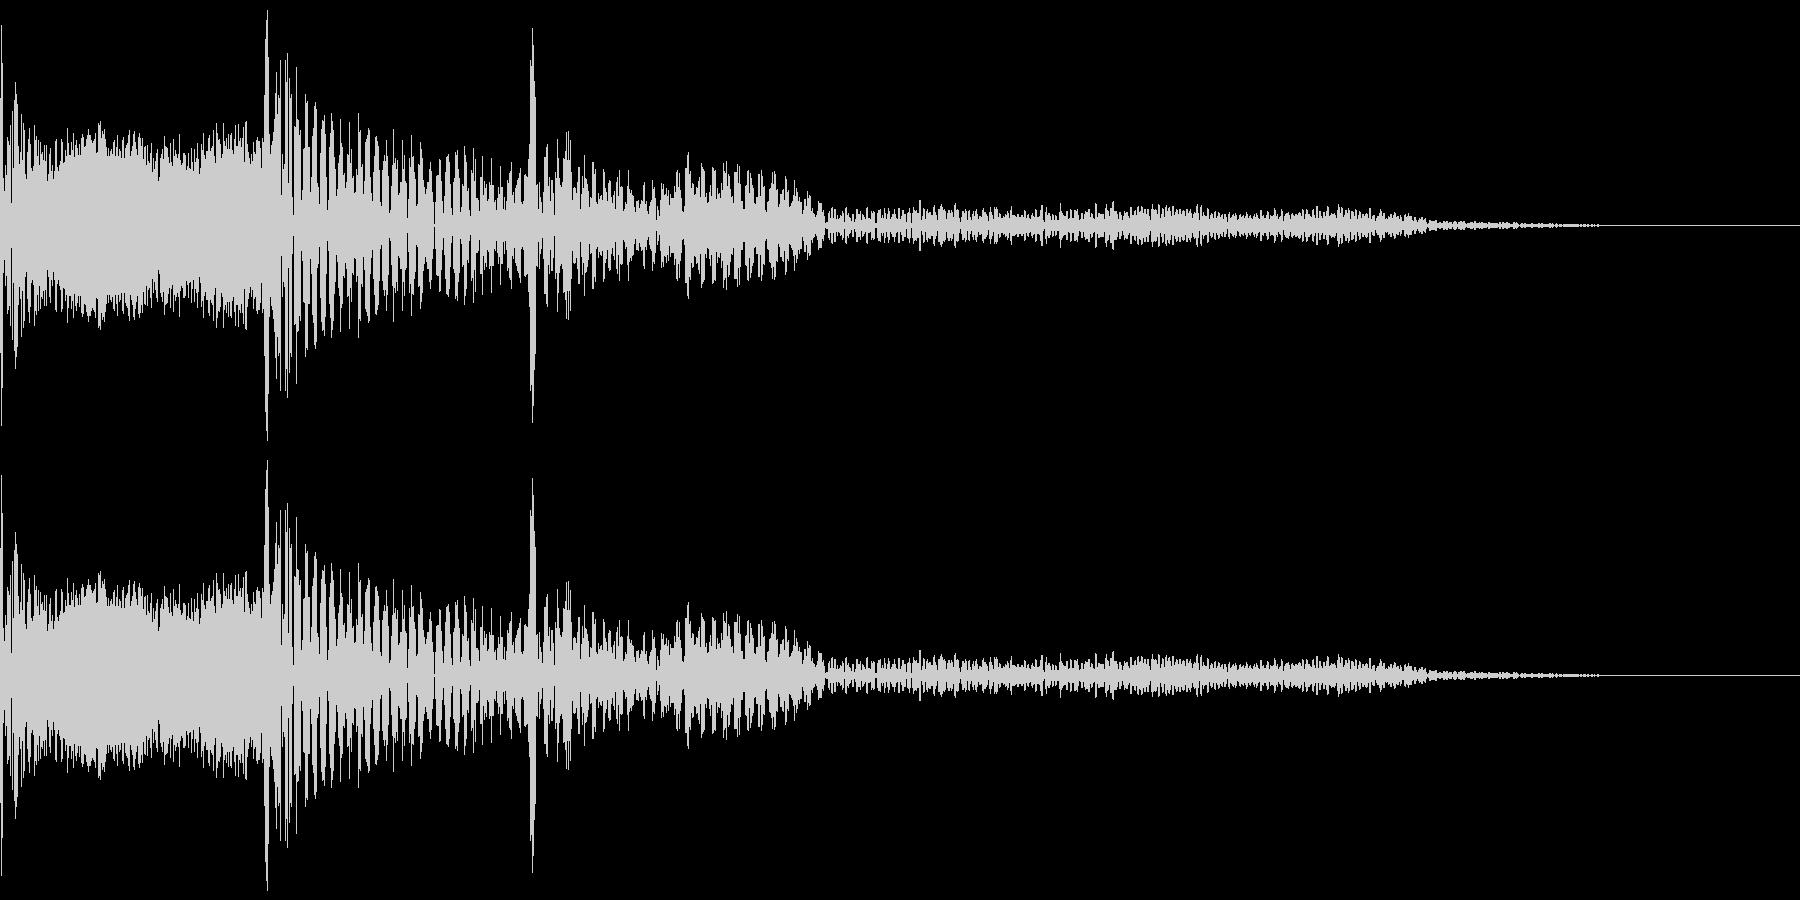 木琴で作った「キャンセル」の効果音の未再生の波形